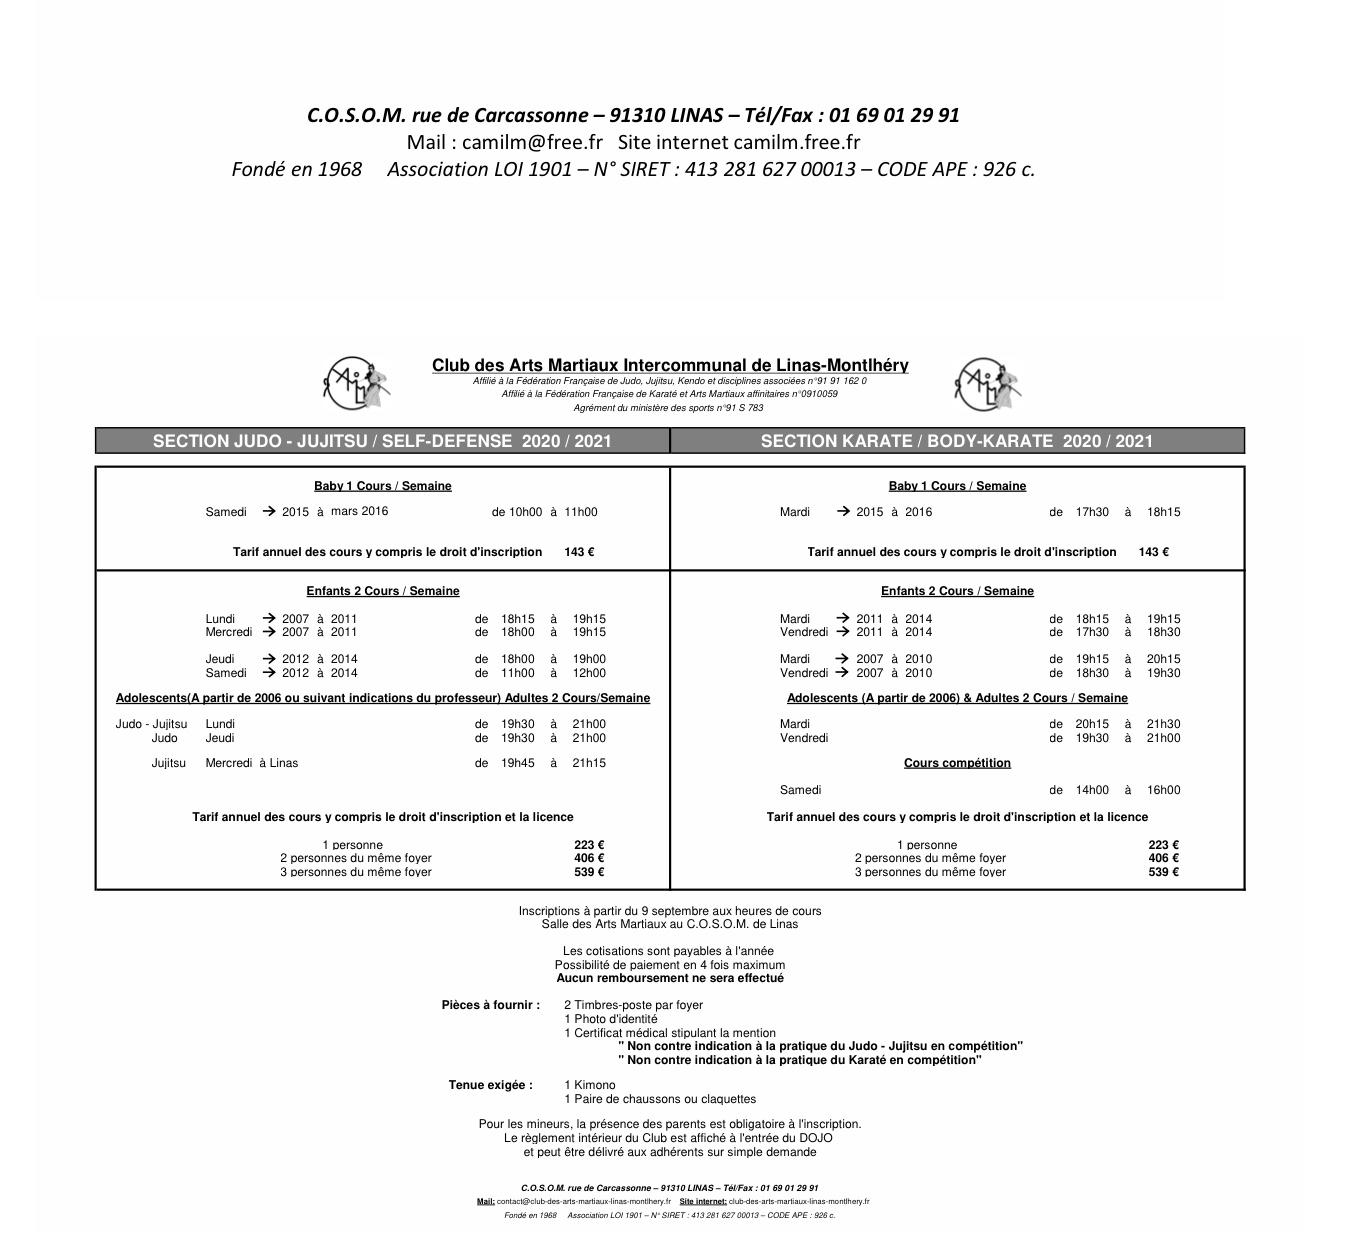 28856C49-8761-4202-AD81-BEA1E63602B3